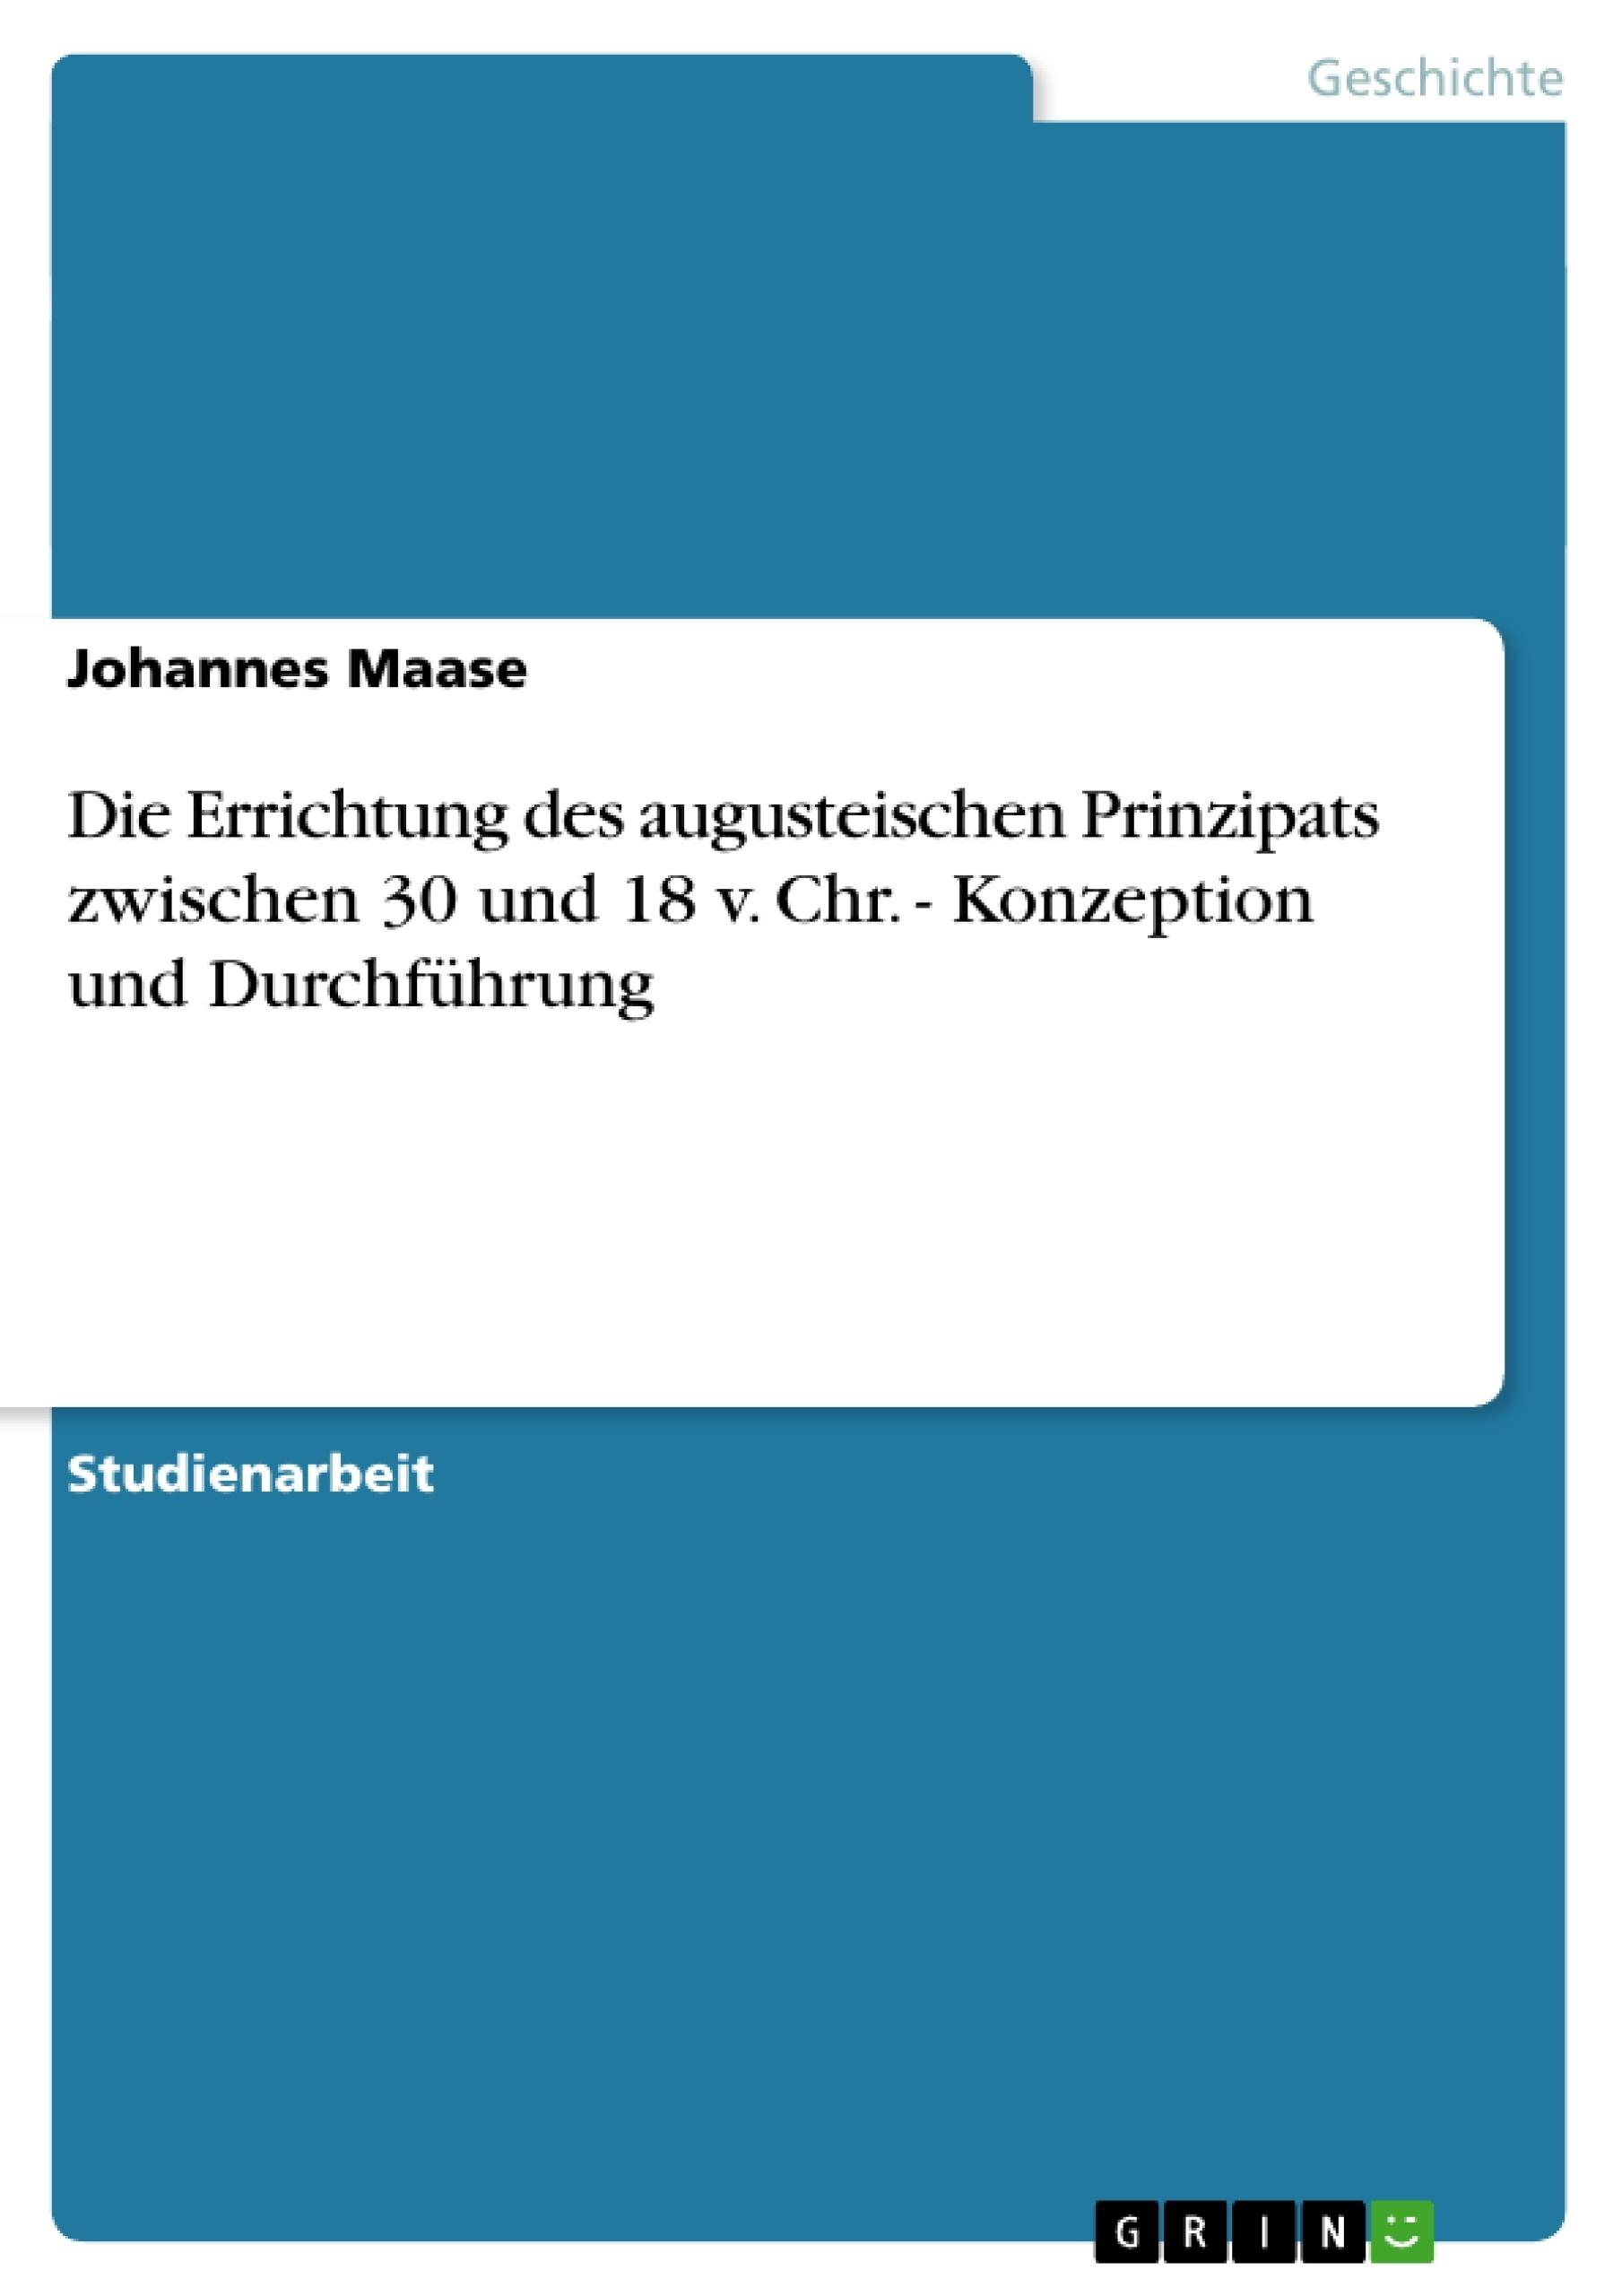 Titel: Die Errichtung des augusteischen Prinzipats zwischen 30 und 18 v. Chr. - Konzeption und Durchführung